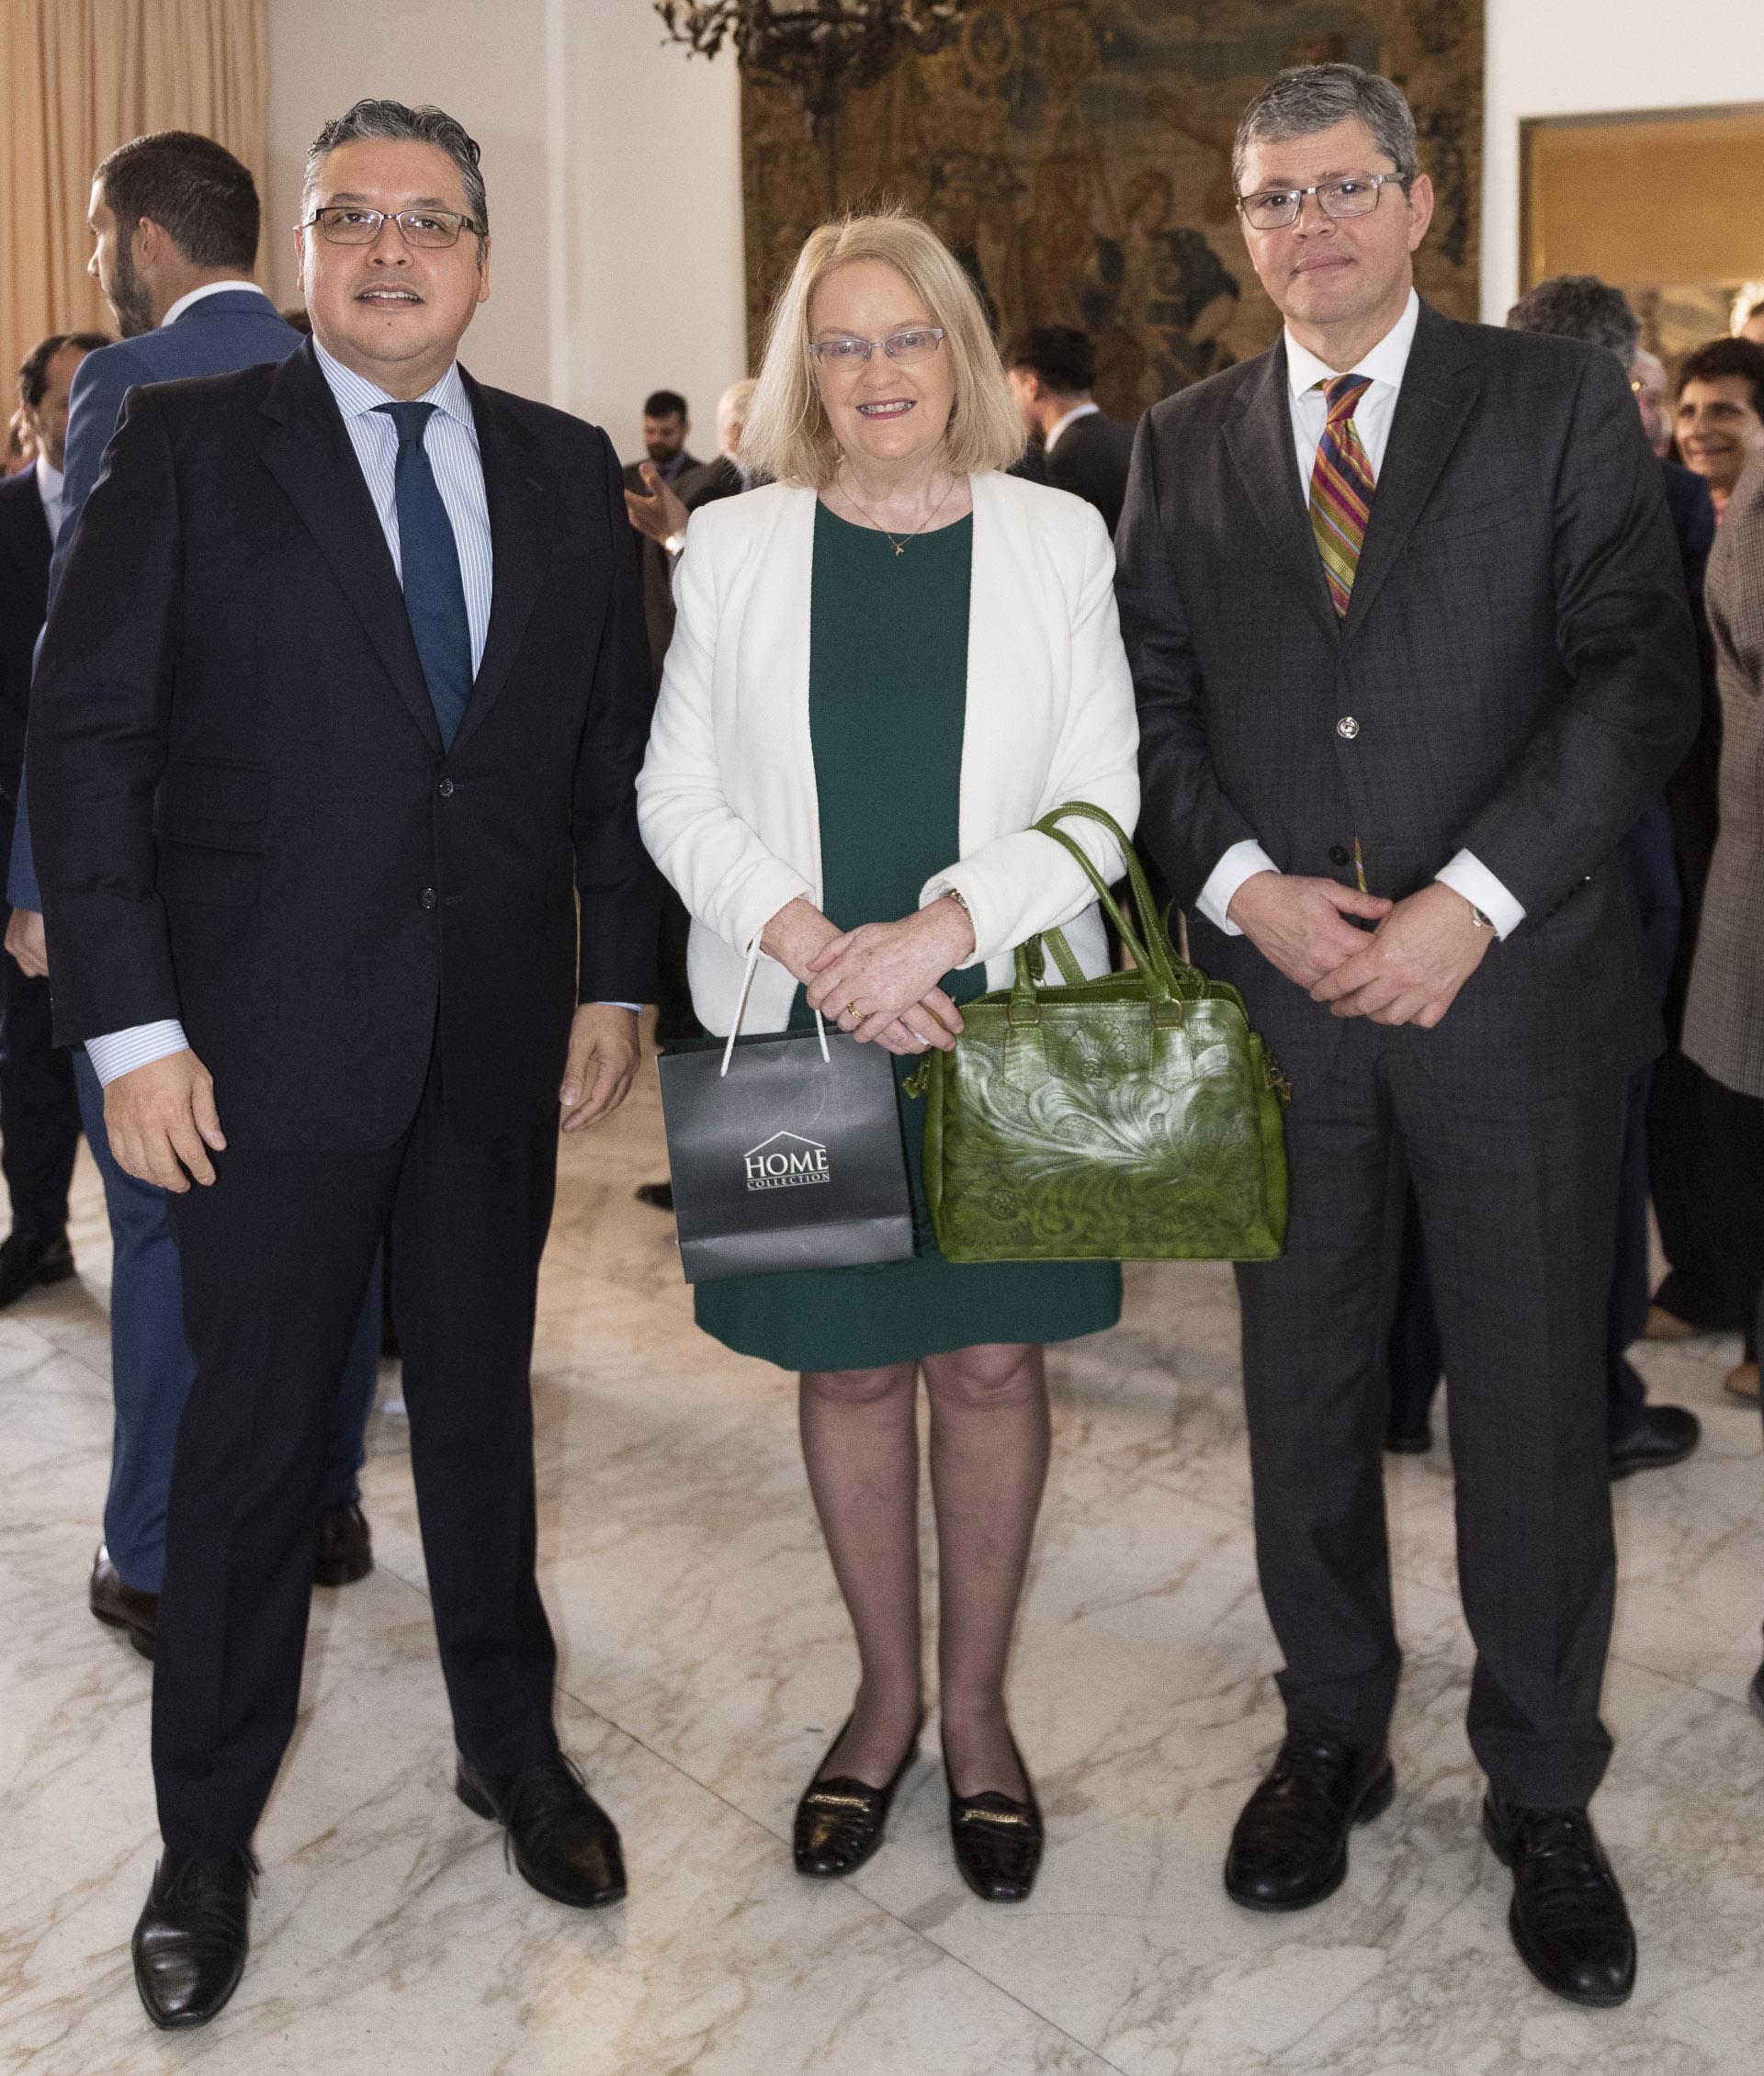 Ariel Blufstein, colaborador en Relaciones Diplomáticas DAIA; Jackie O Halloran Berstein, embajadora de Irlanda en Argentina; Diego Pelufo Acosata, ministro de la embajada de Uruguay